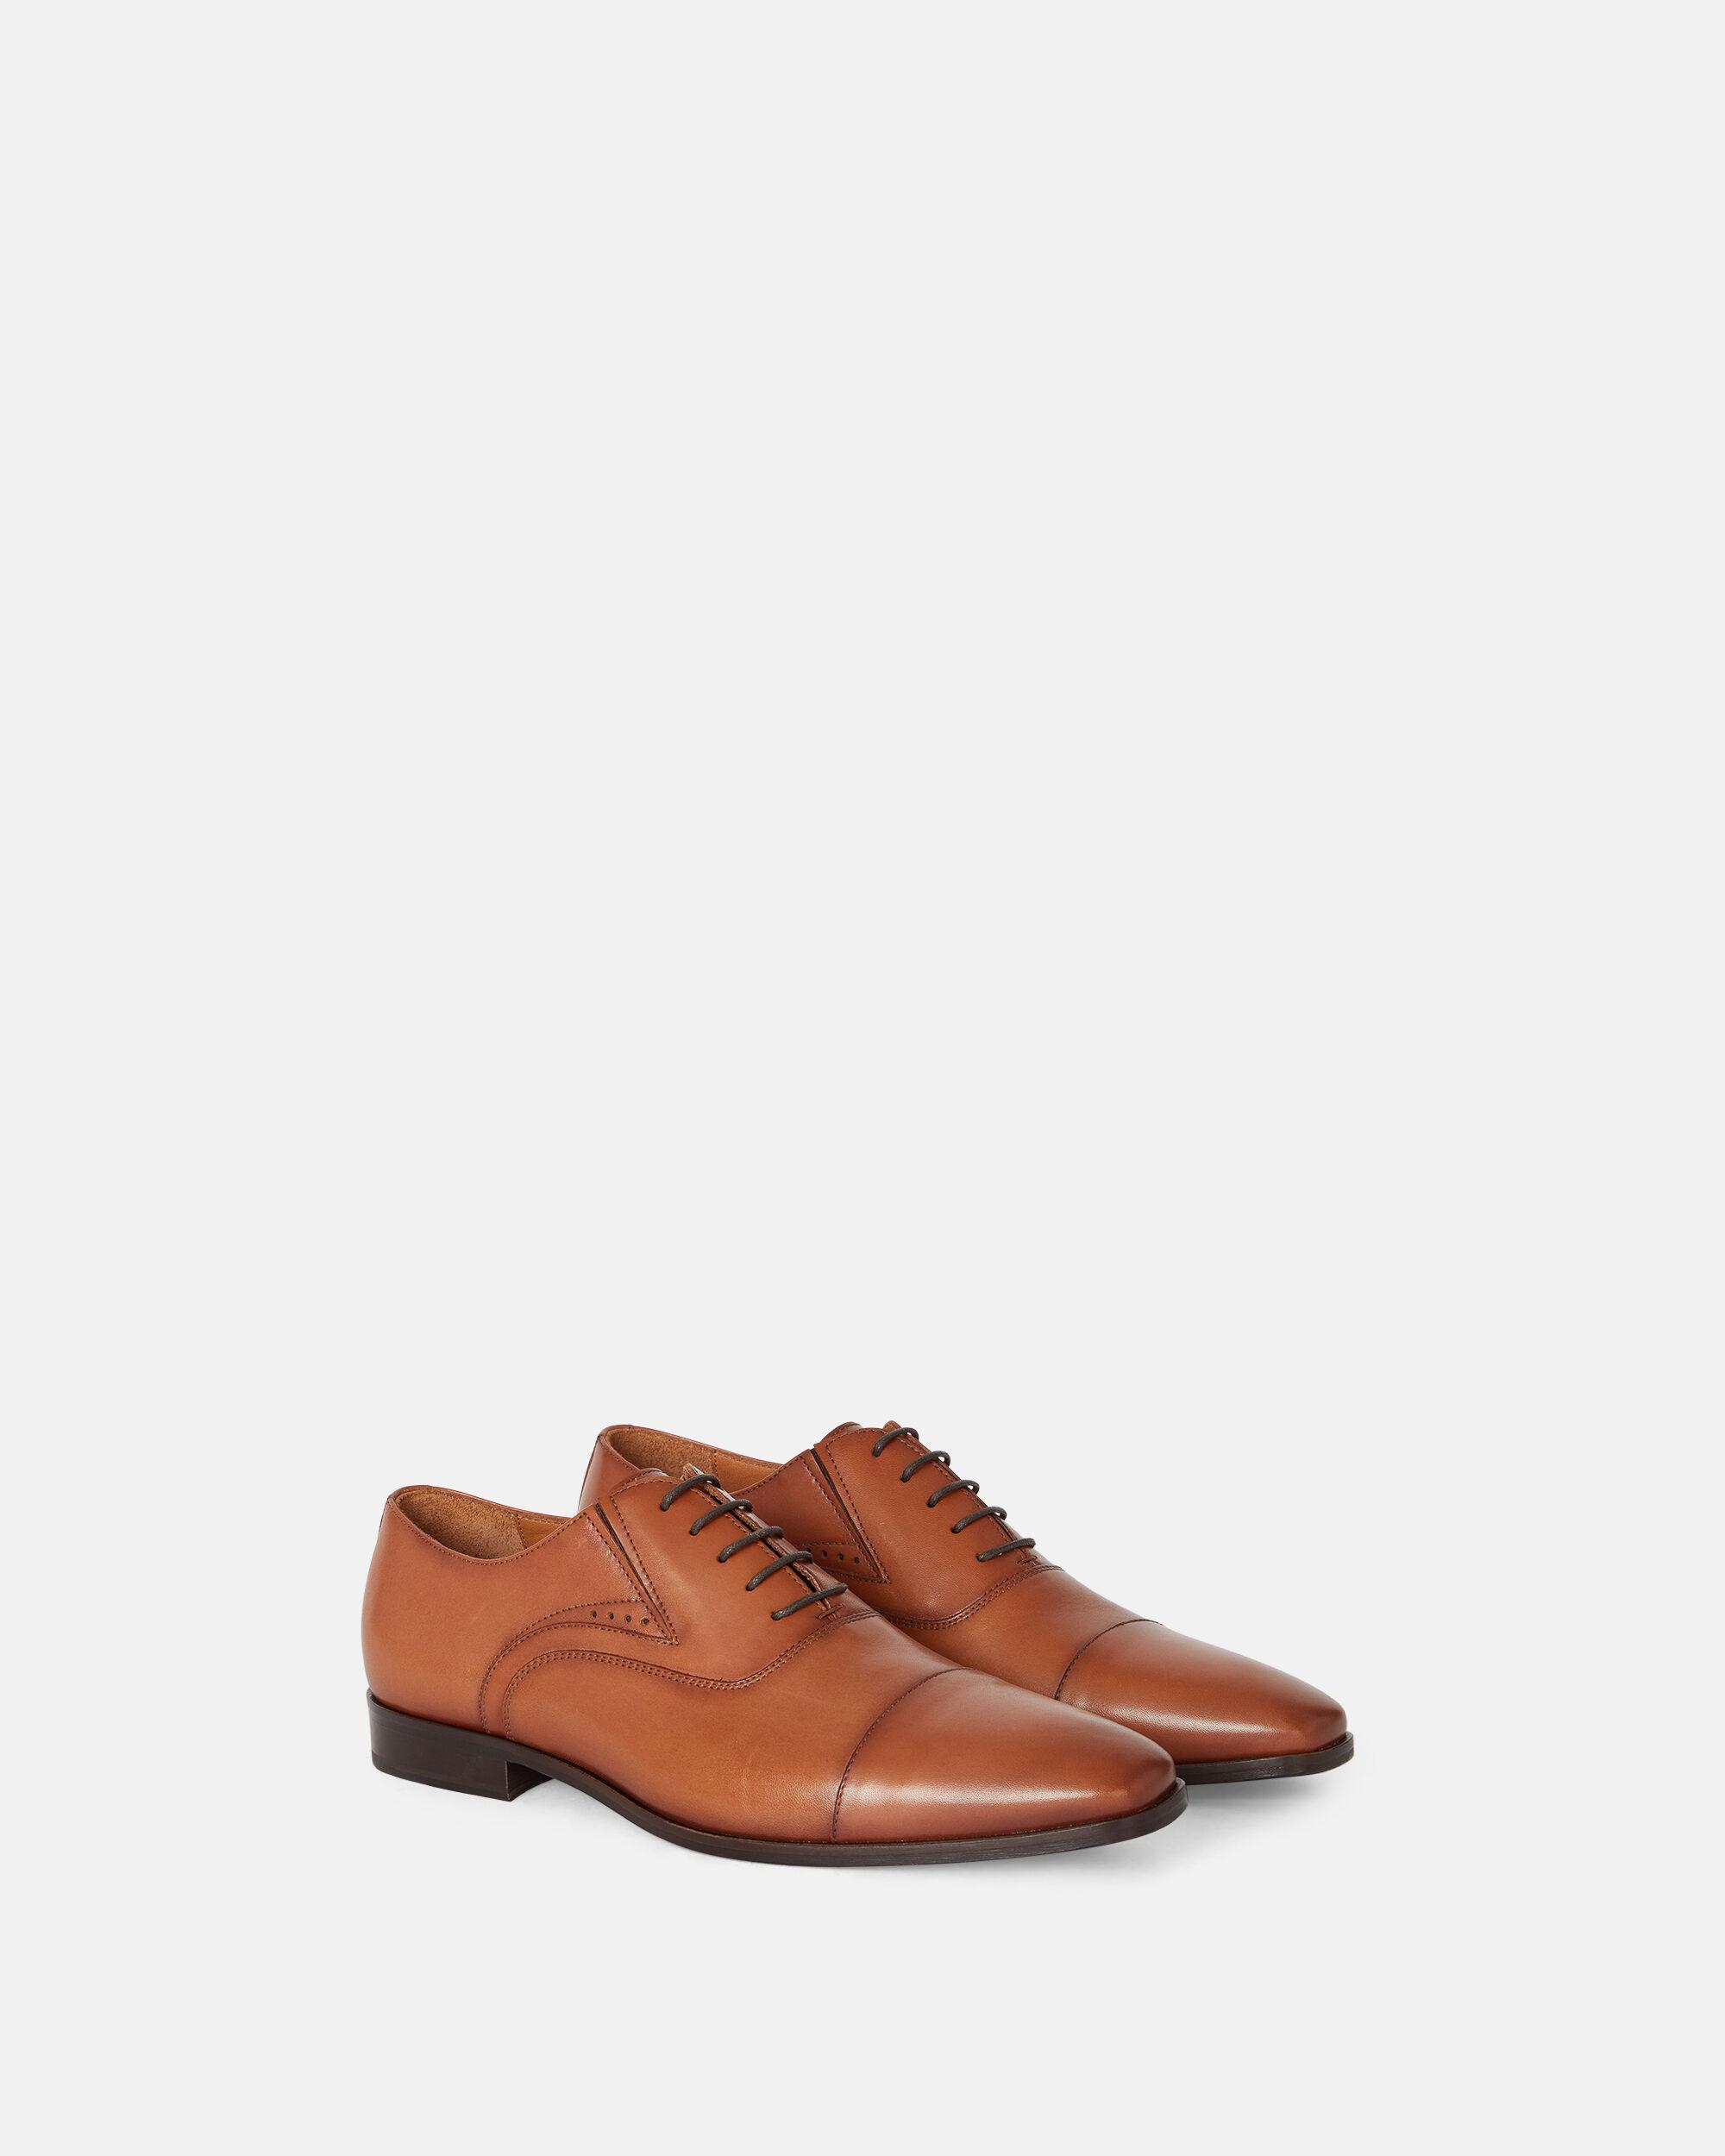 Chaussures classiques pour hommes et Souliers tendance New